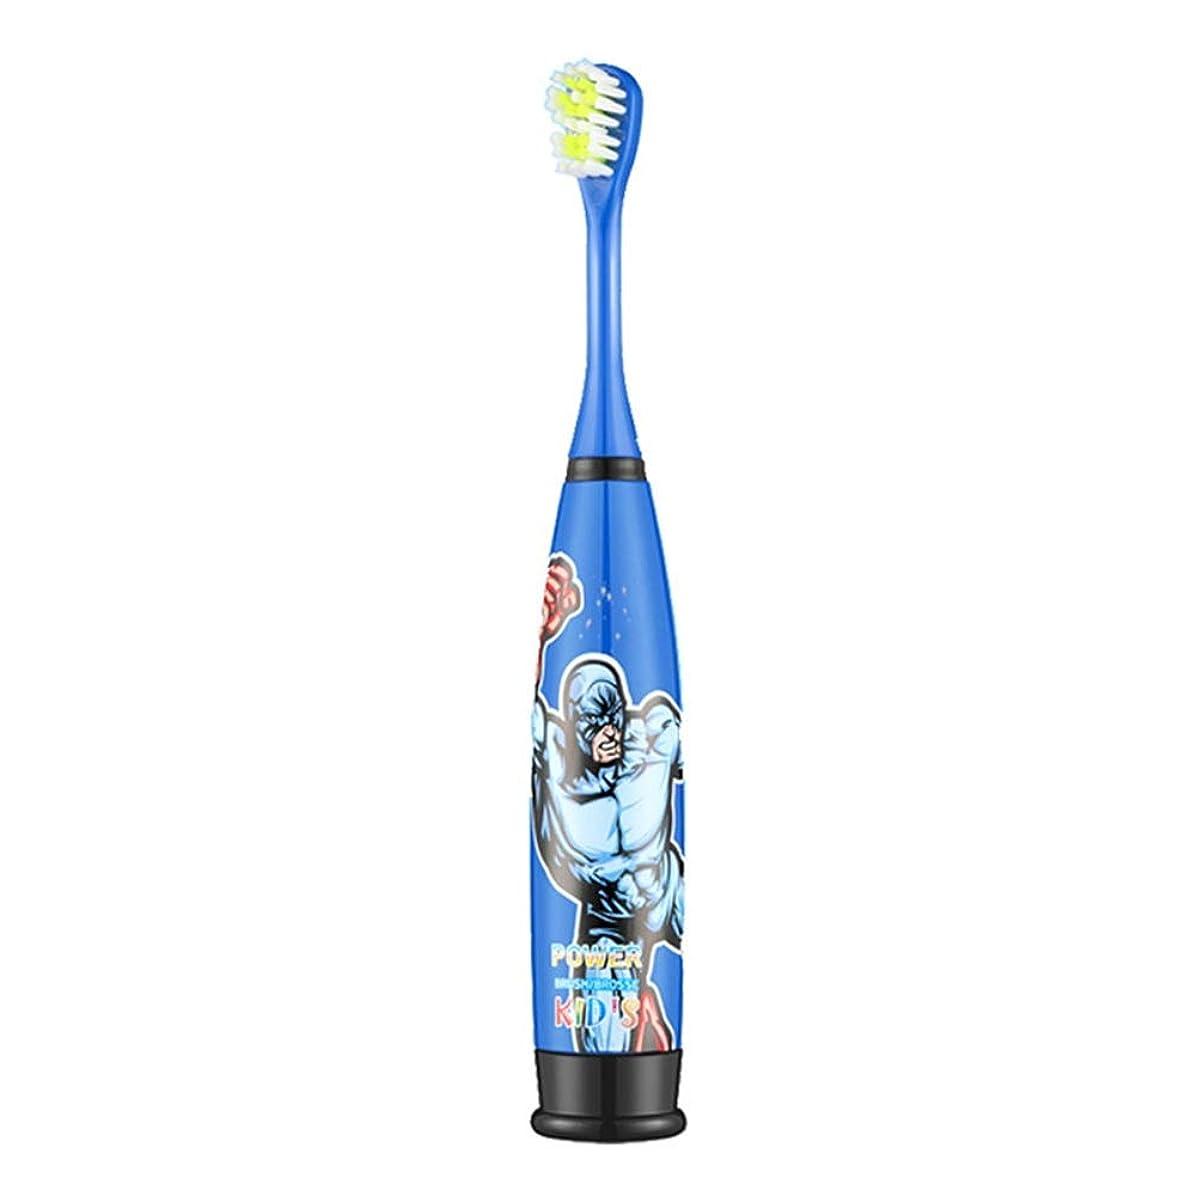 高さ春交通電動歯ブラシクリーン 子供用電動歯ブラシ防水やわらかいきれいな歯ブラシ単三電池1本(電池なし) 大人と子供のための歯ブラシ (色 : 青, サイズ : Free size)